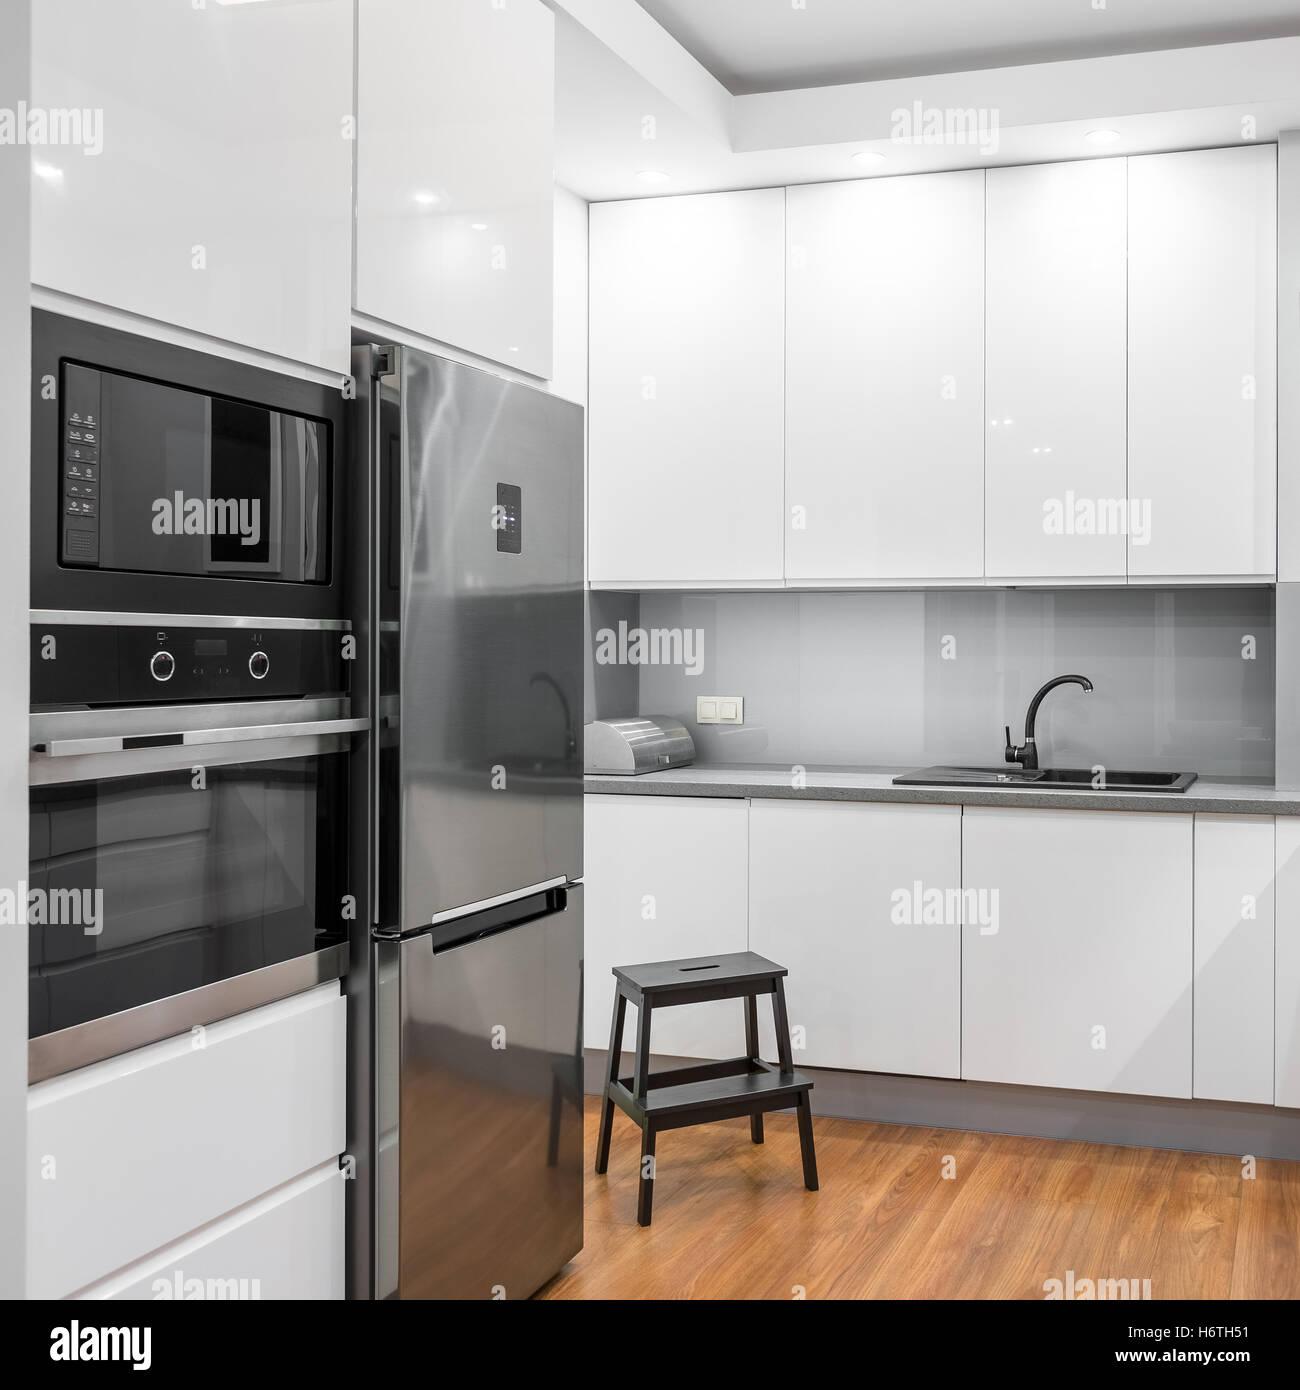 Bezaubernd Weisse Küche Hochglanz Beste Wahl Weiße Hochglanz-küche Mit Silber Kühlschrank, Backofen Und